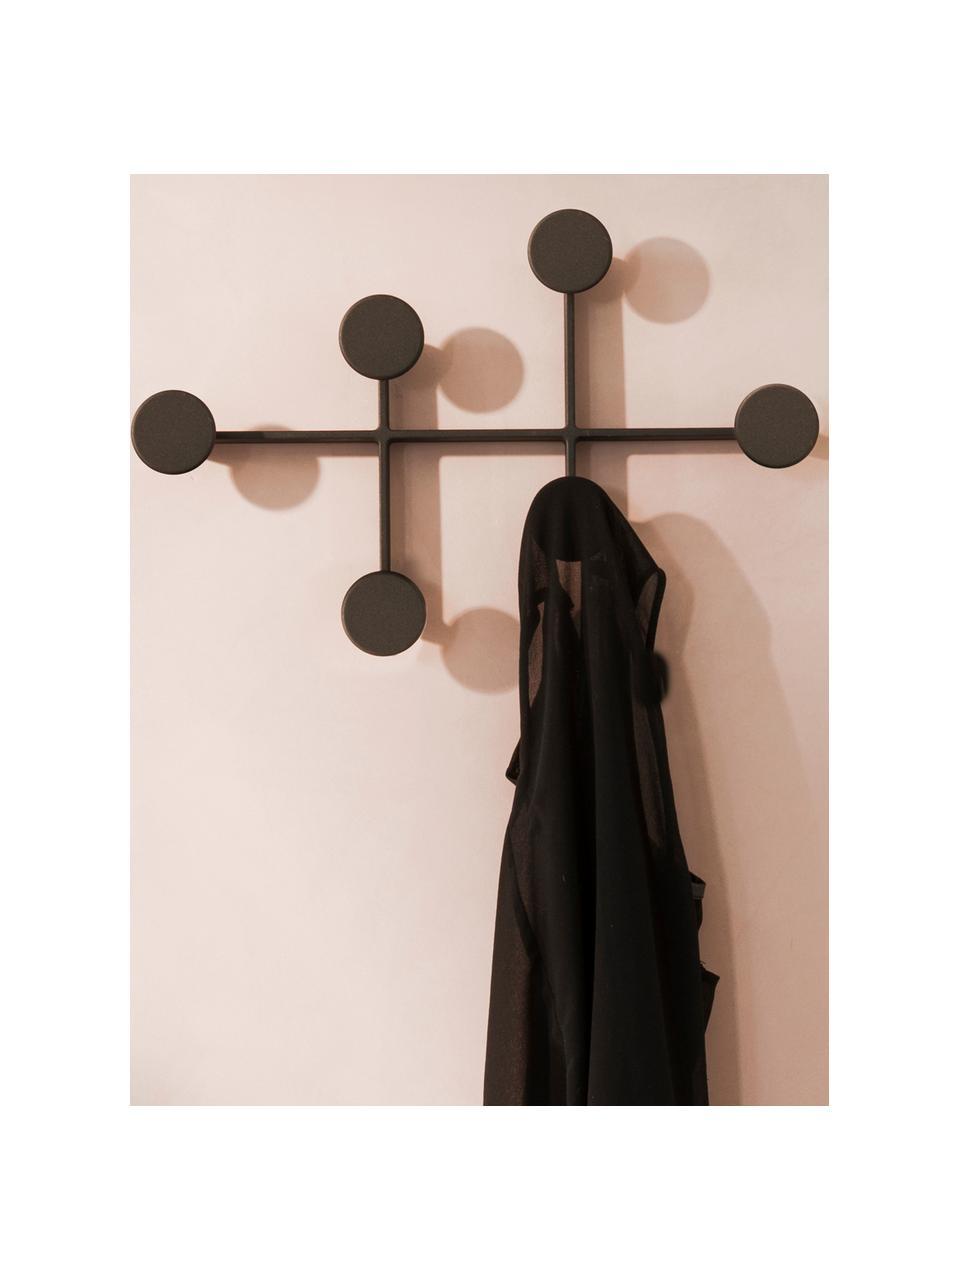 Wieszak ścienny Afteroom Coat Hanger, Stal malowana proszkowo, Czarny, S 37 x W 24 cm